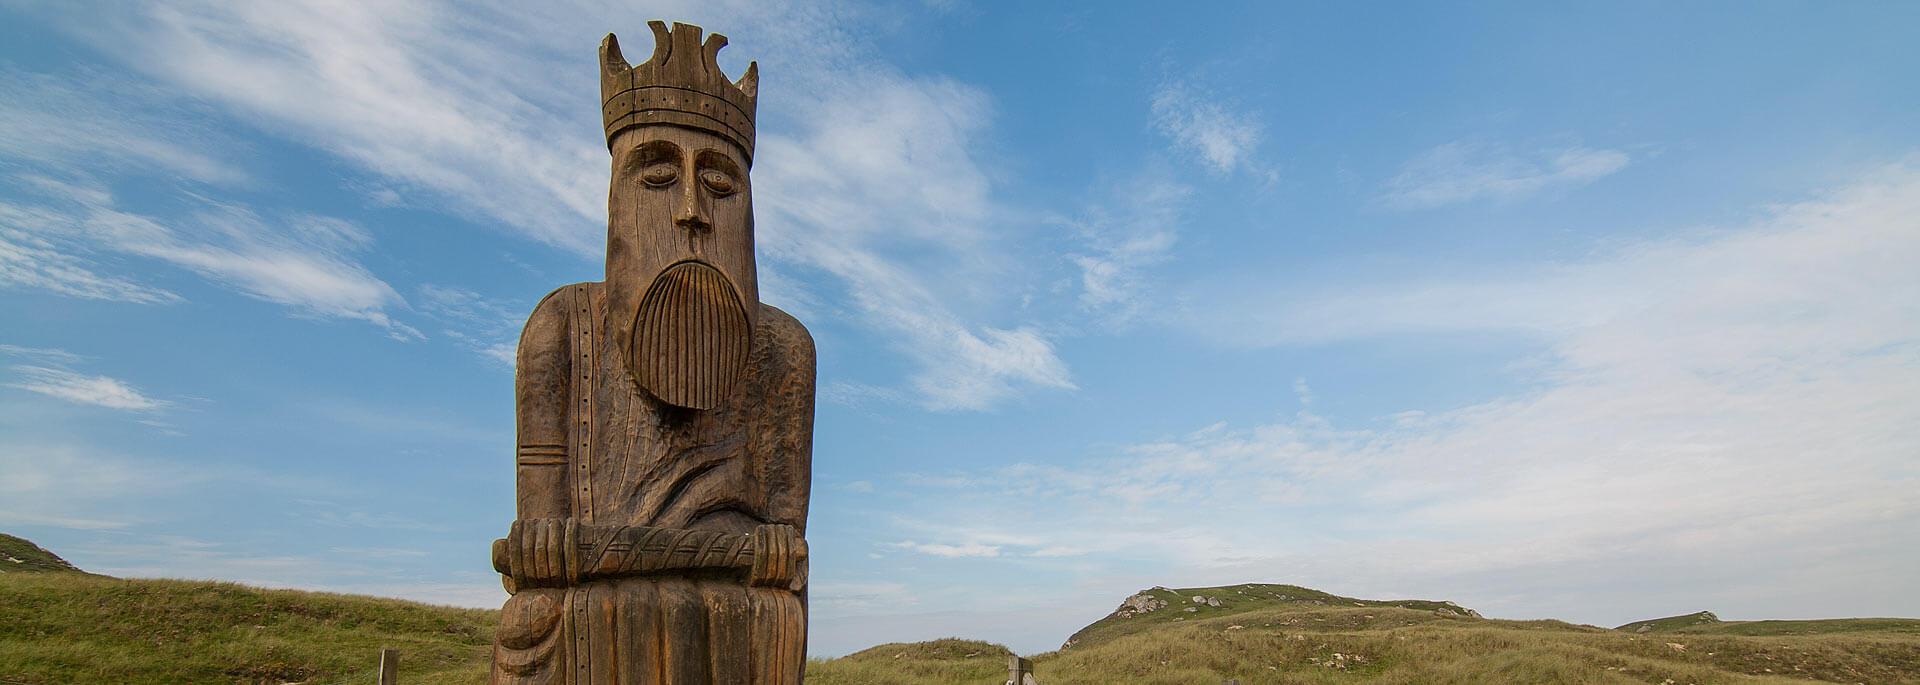 Warum man auf Schottlands Insel Lewis nicht Schachspielen kann